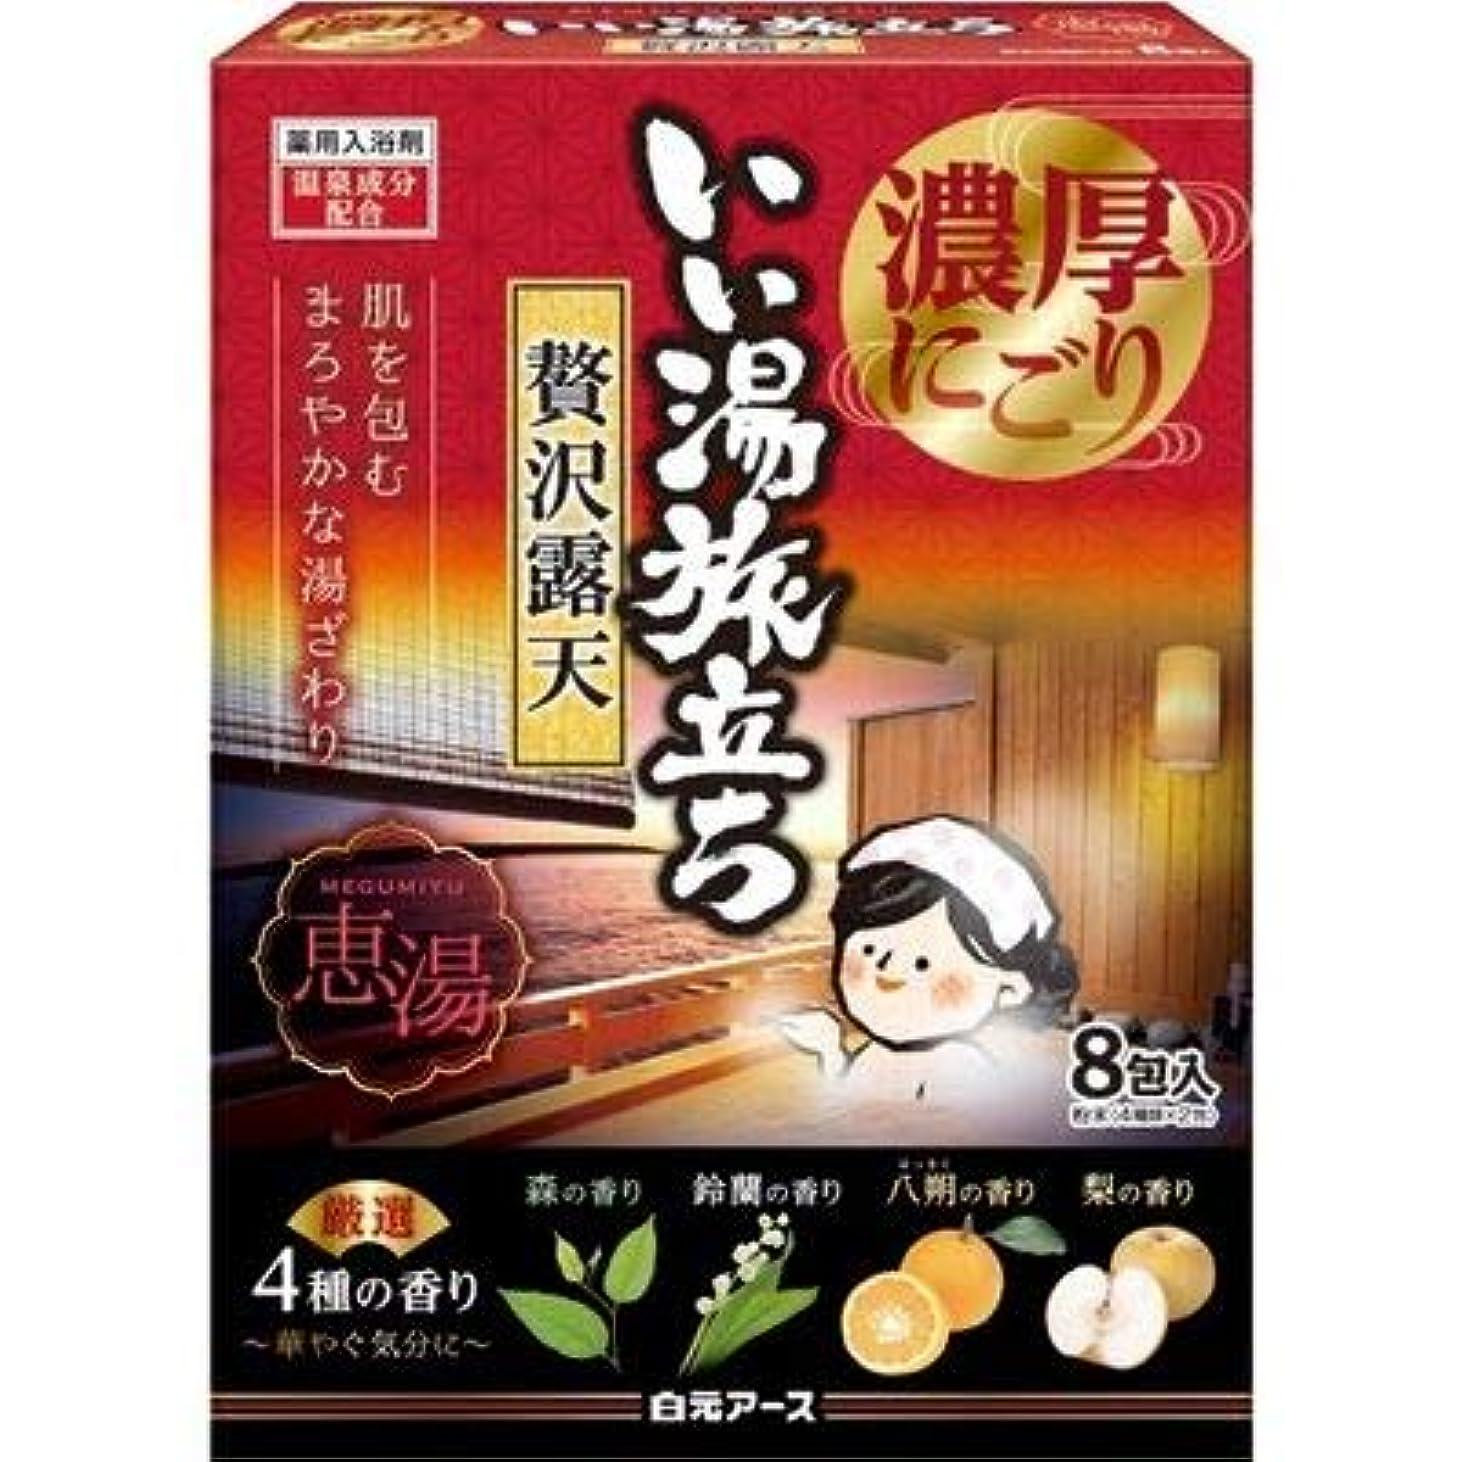 魅力的であることへのアピール使役カートリッジいい湯旅立ち 贅沢露天 恵湯 8包入